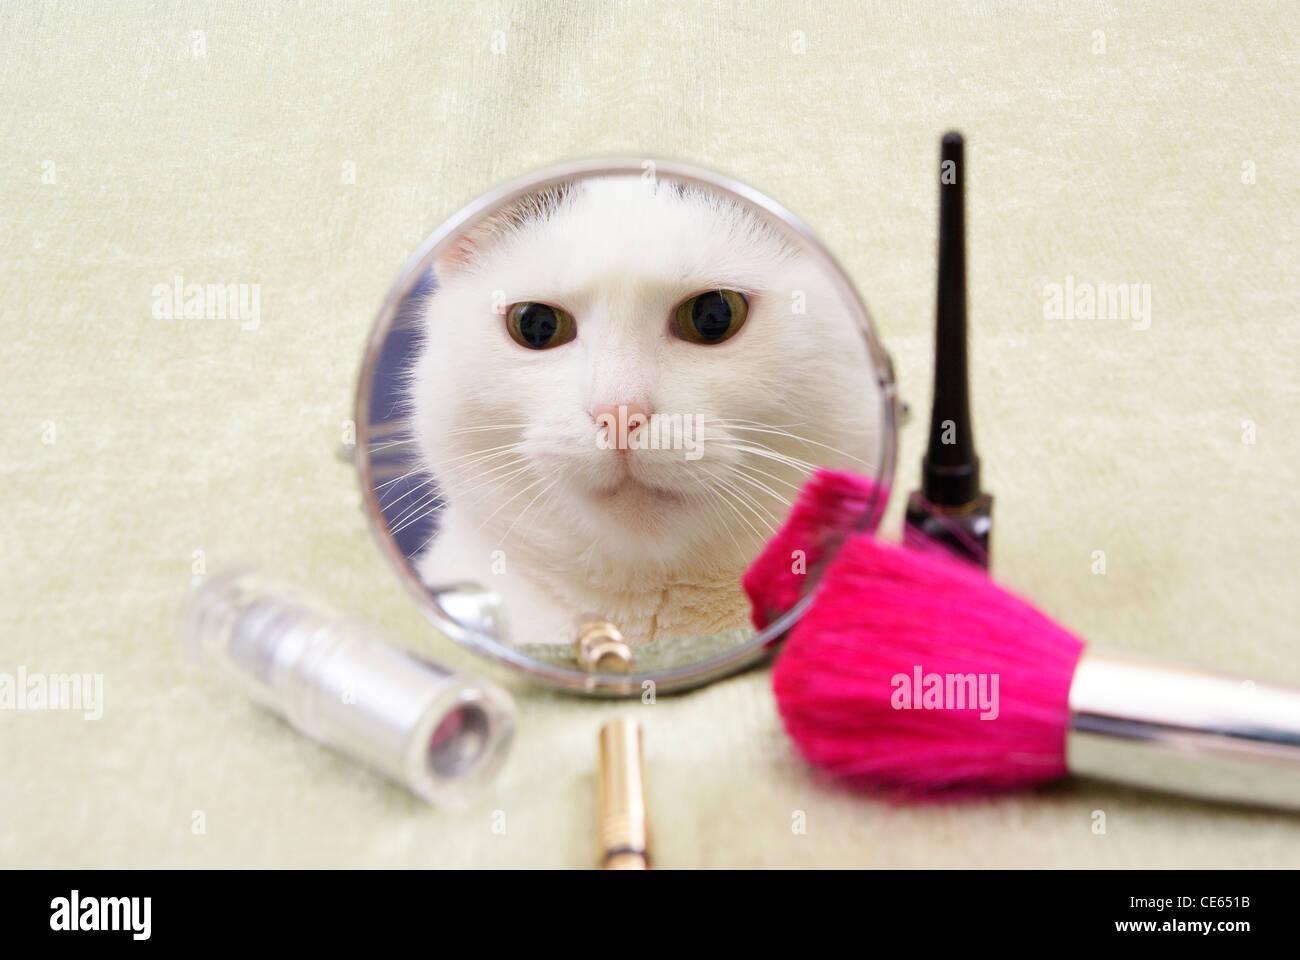 Reflexion der weiße Kätzin in kleinen Spiegel Stockbild